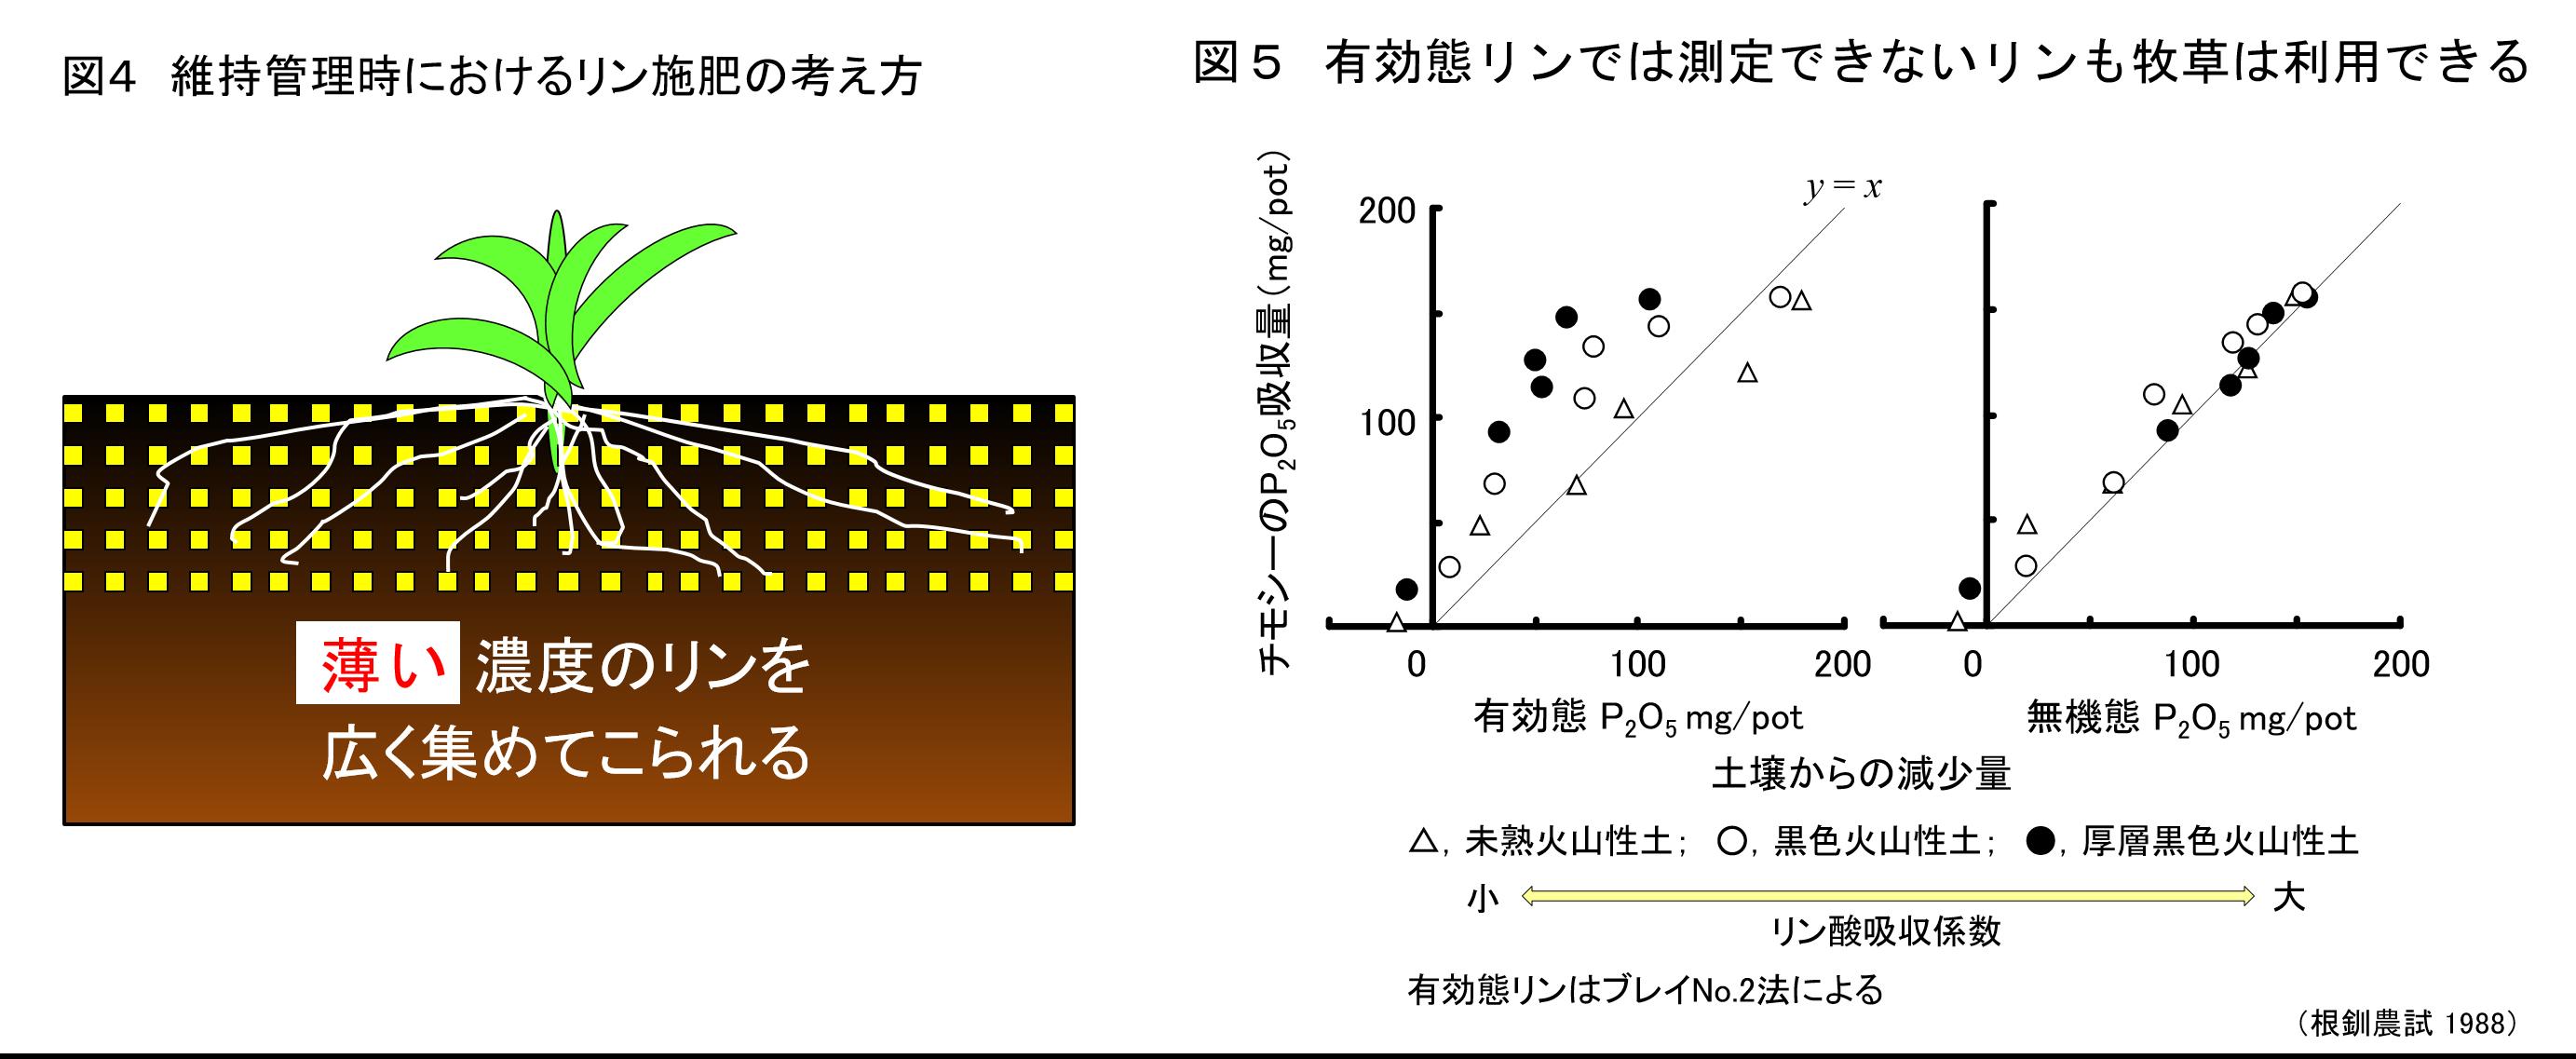 草地の土づくり  ≪第7回≫土壌診断に基づく施肥対応3:リンの施肥対応